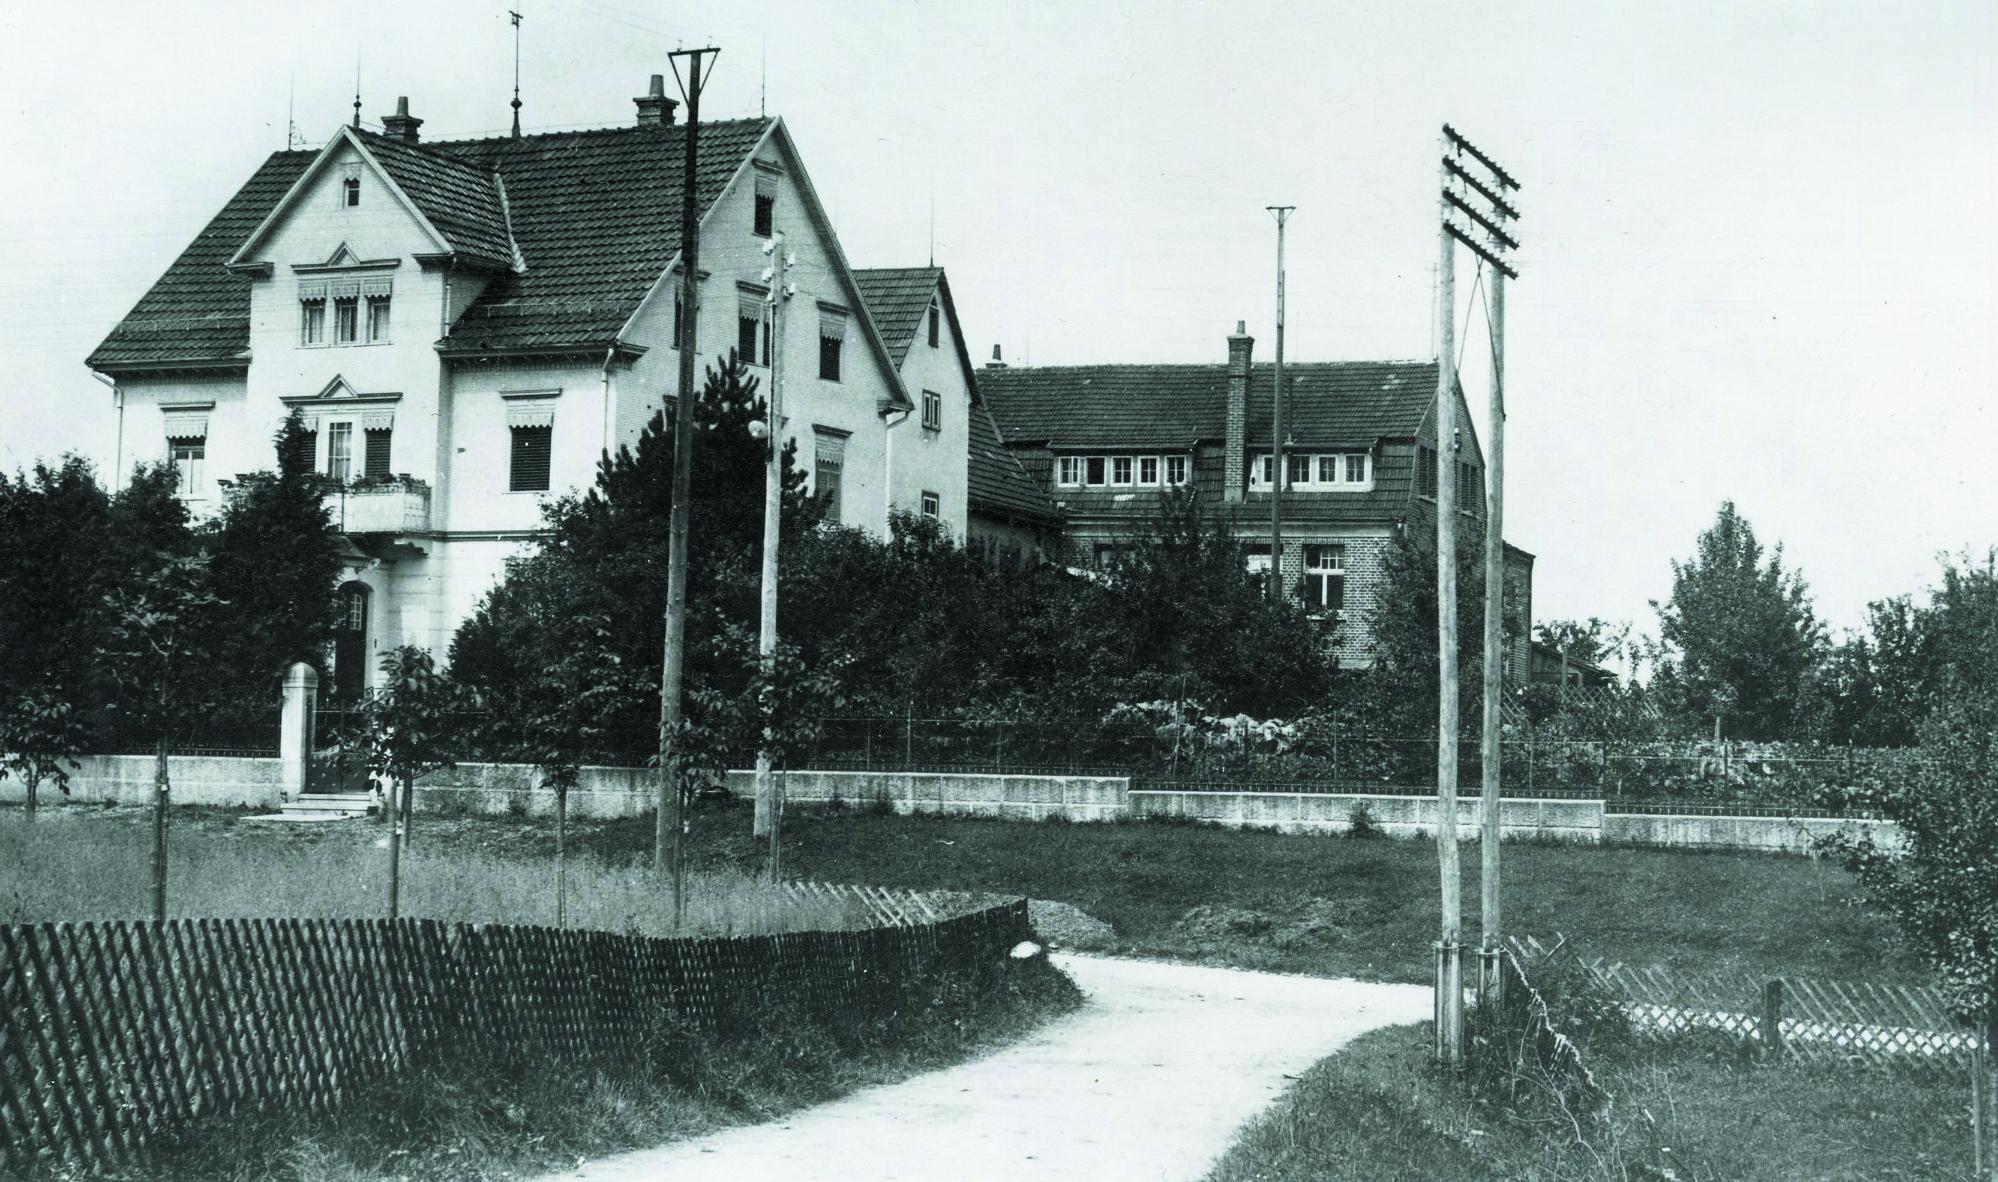 Hengstler feiert 175-jähriges Bestehen